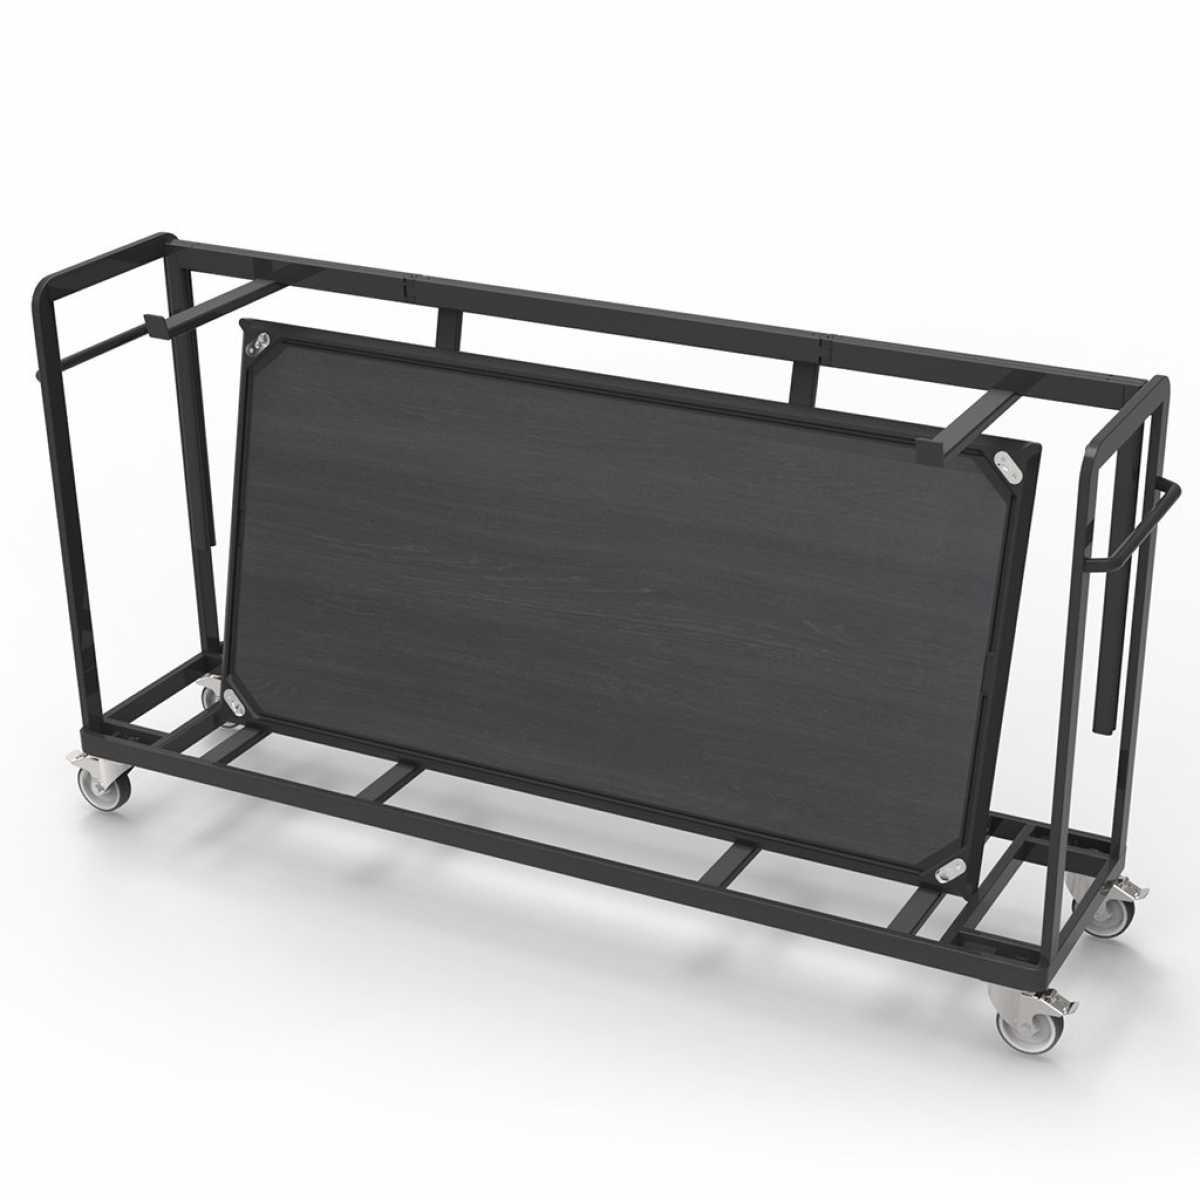 CRASTER 1800 Serisi Dikdörtgen Taşıma Arabası